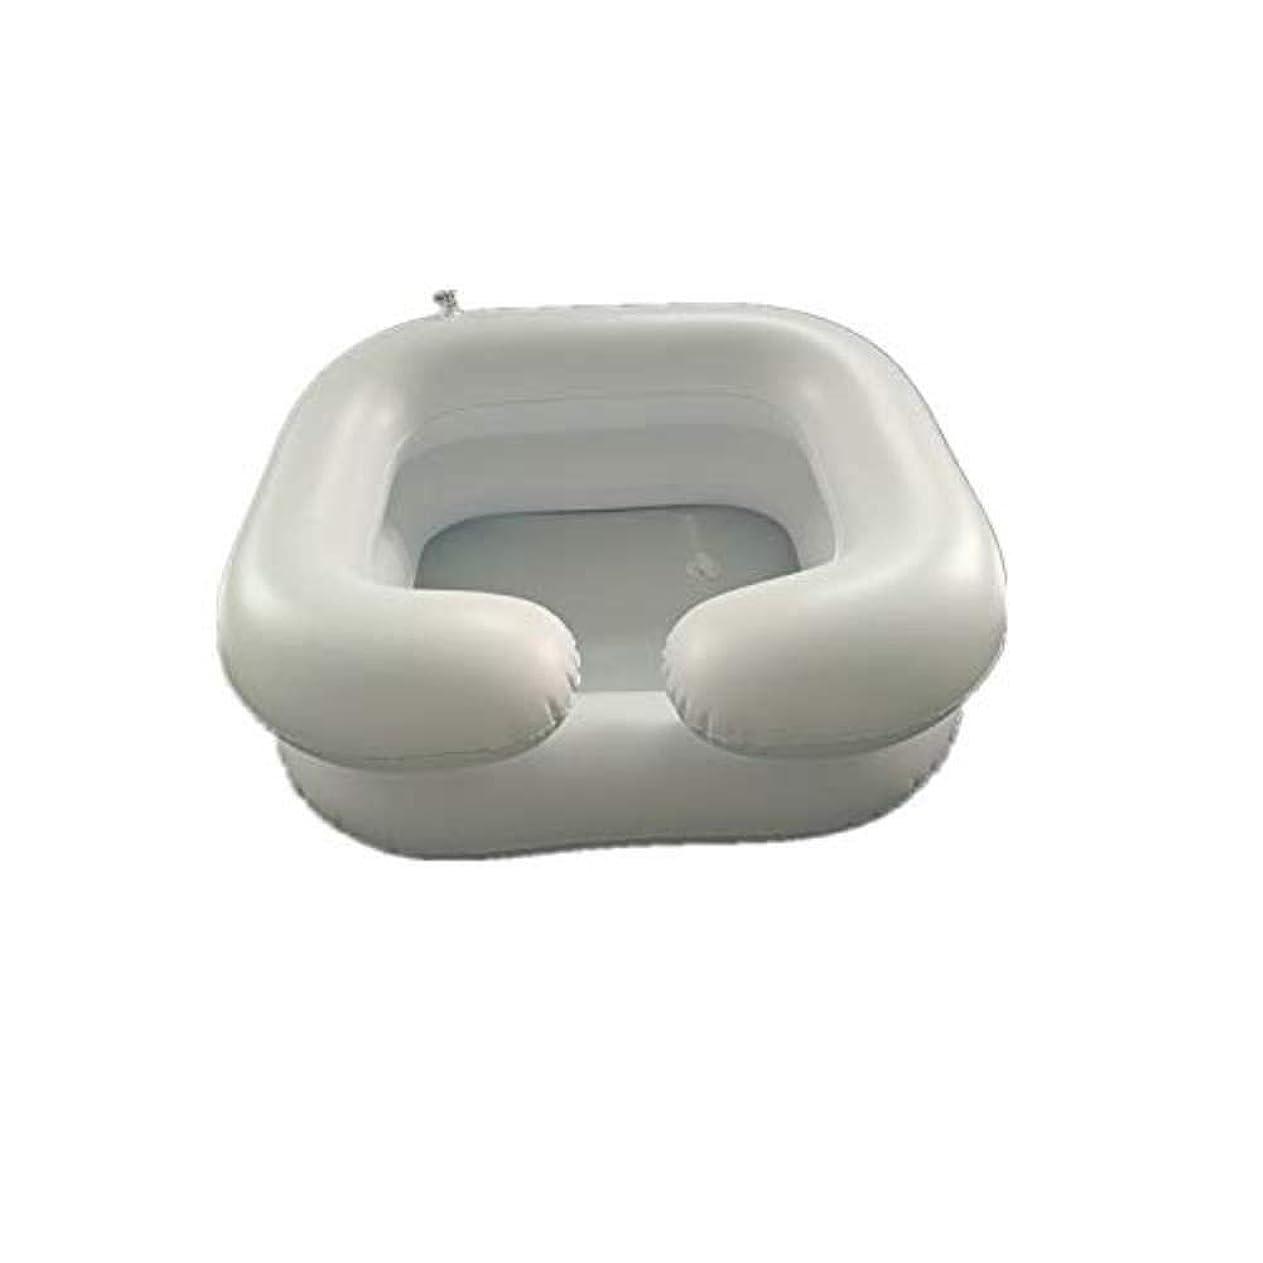 ゲインセイ有名依存インフレータブルシャンプー洗面器入浴補助-障害者、妊娠中、および高齢者の寝たきりのためのベッドで髪を洗う